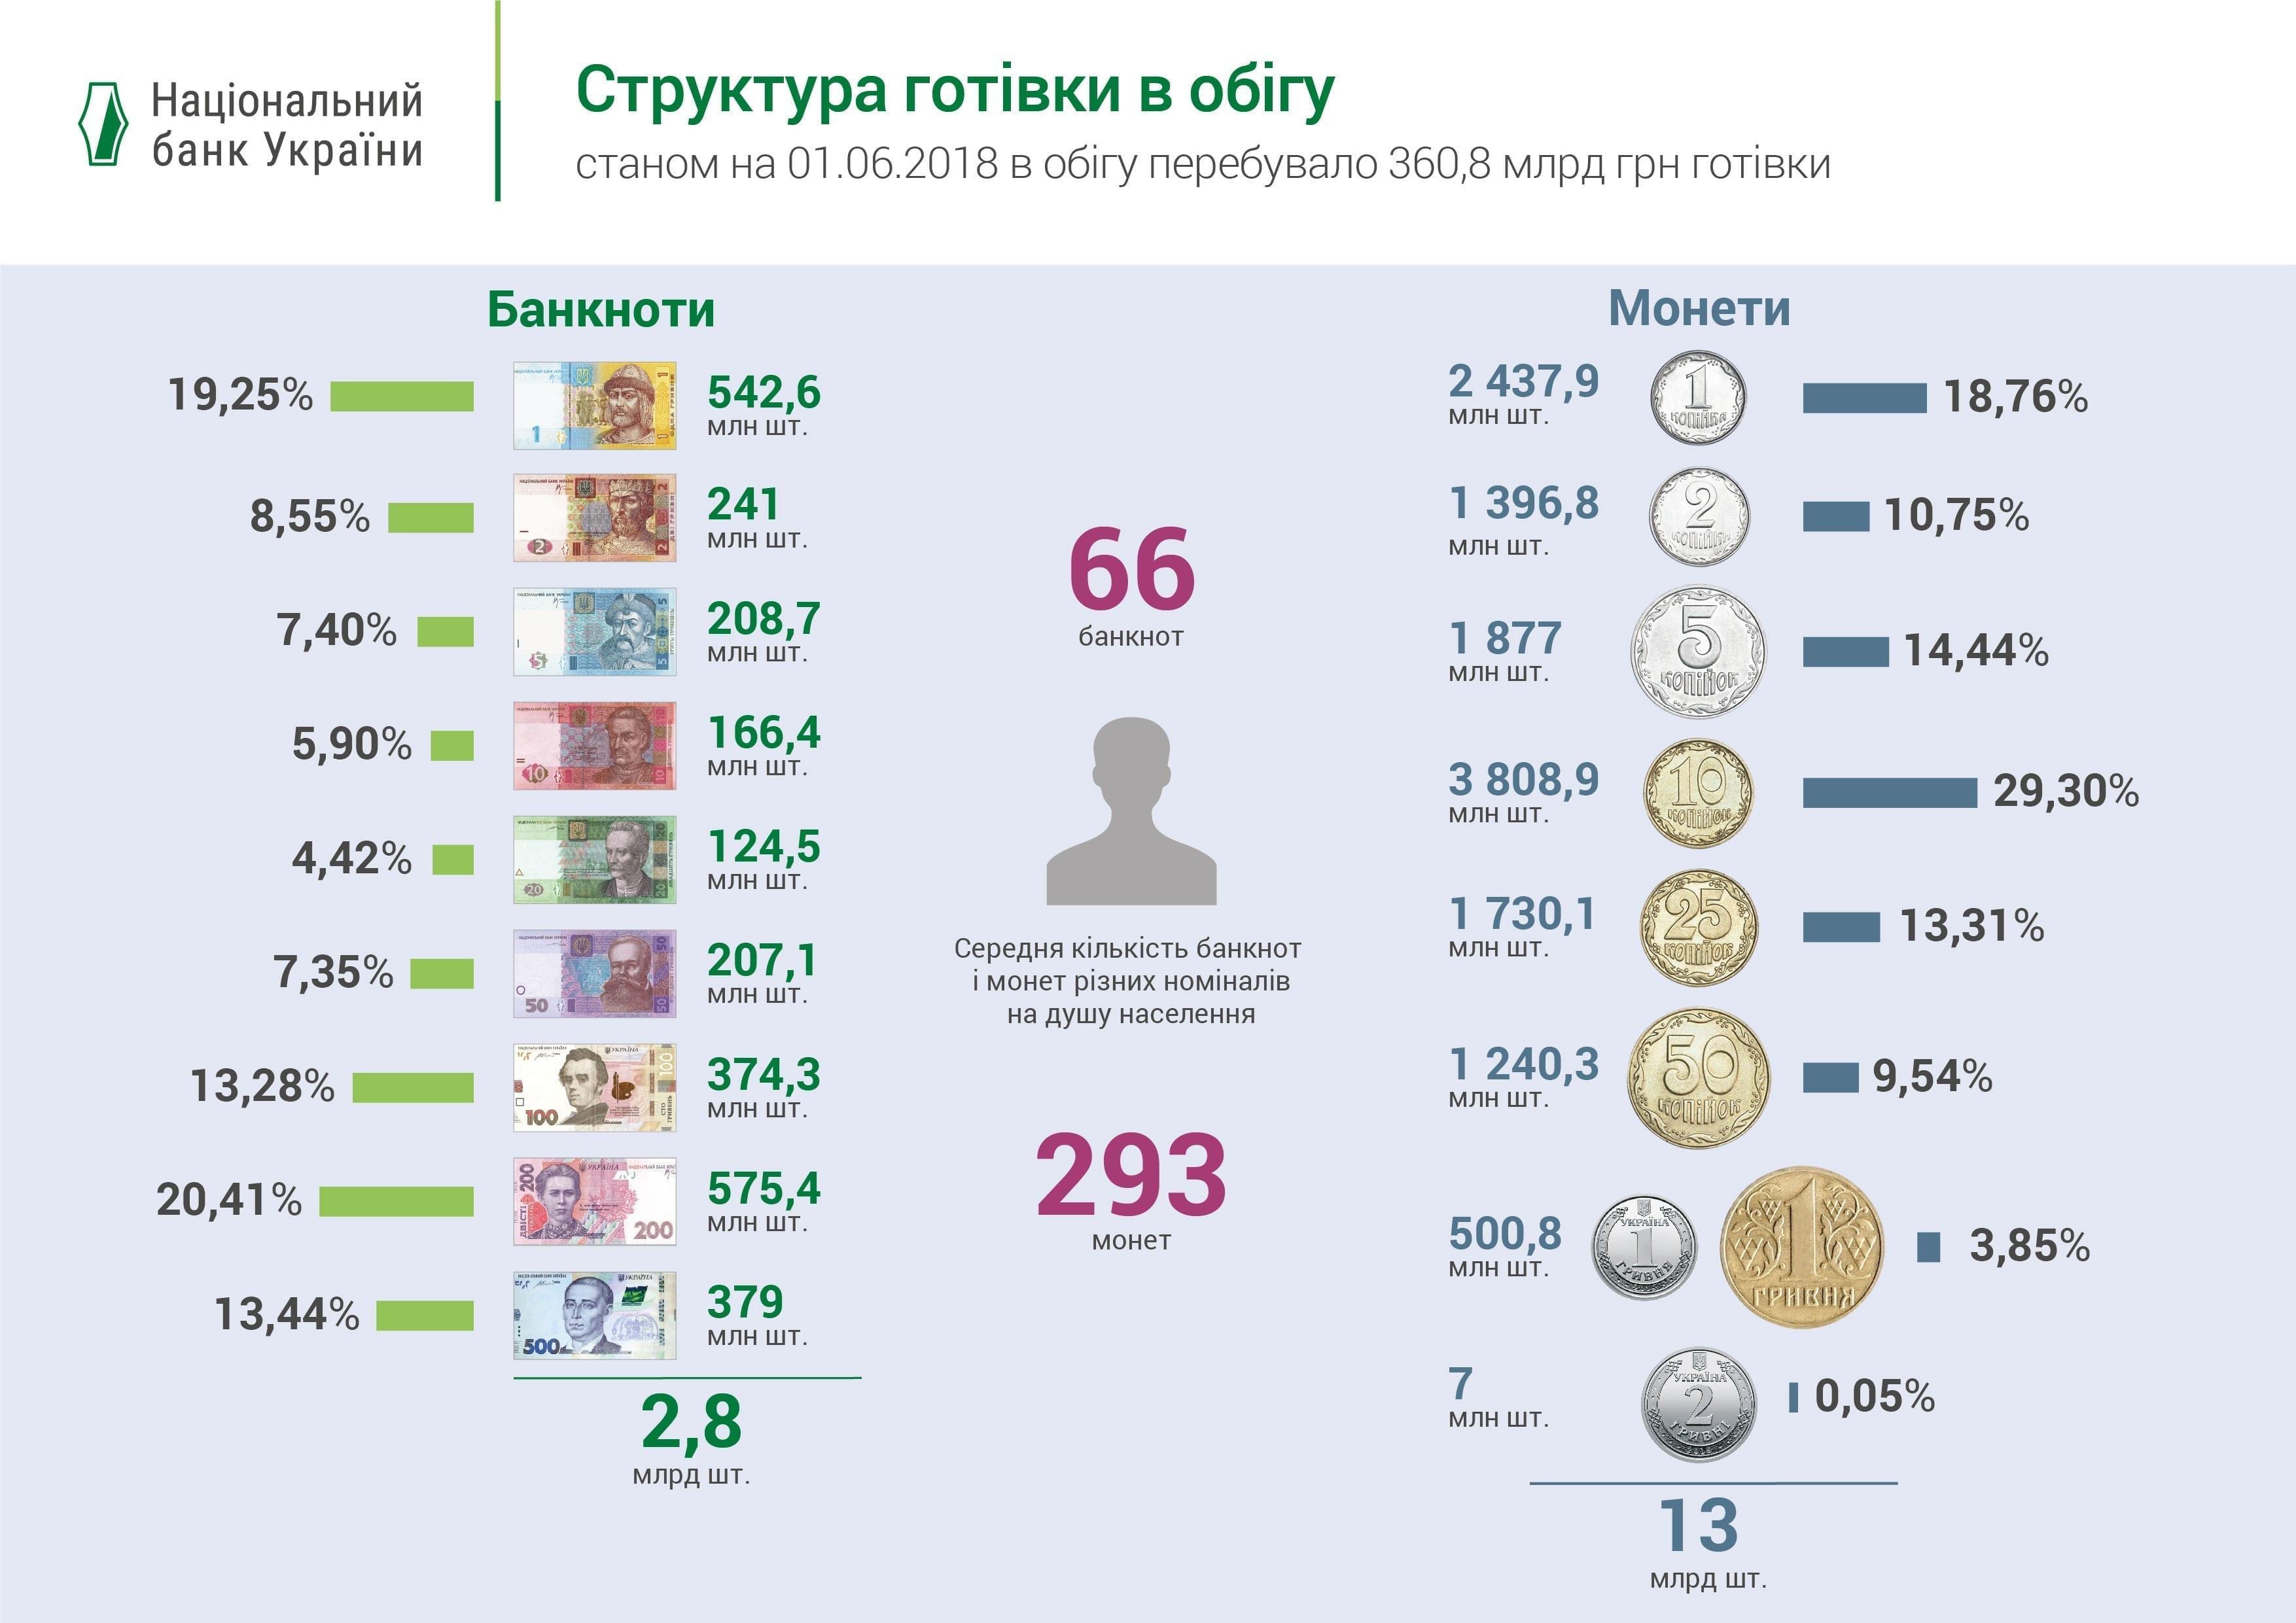 готівки в обігу 03 - Україна відмовляється від копійок. Як тепер округляти ціни? Розповідаємо - Заборона